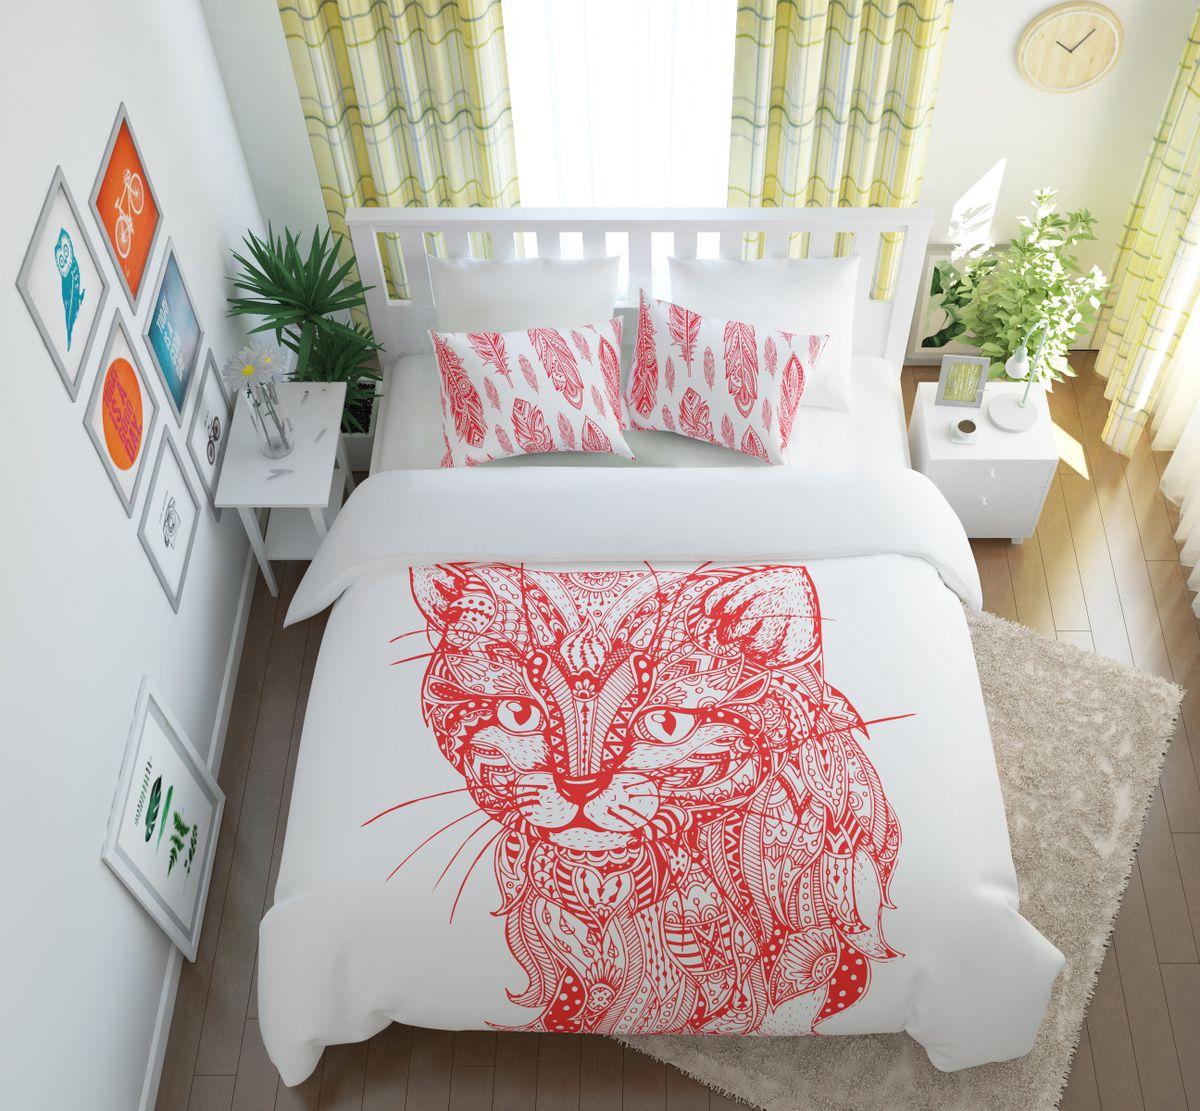 Комплект белья Сирень Волшебный кот, 2-спальный, наволочки 50х7007127-КПБ2-МКомплект постельного белья Сирень выполнен из прочной и мягкой ткани. Четкий и стильный рисунок в сочетании с насыщенными красками делают комплект постельного белья неповторимой изюминкой любого интерьера.Постельное белье идеально подойдет для подарка. Идеальное соотношение смешенной ткани и гипоаллергенных красок - это гарантия здорового, спокойного сна. Ткань хорошо впитывает влагу, надолго сохраняет яркость красок.В комплект входят: простынь, пододеяльник, две наволочки. Постельное белье легко стирать при 30-40°С, гладить при 150°С, не отбеливать. Рекомендуется перед первым использованием постирать.УВАЖАЕМЫЕ КЛИЕНТЫ! Обращаем ваше внимание, что цвет простыни, пододеяльника, наволочки в комплектации может немного отличаться от представленного на фото.